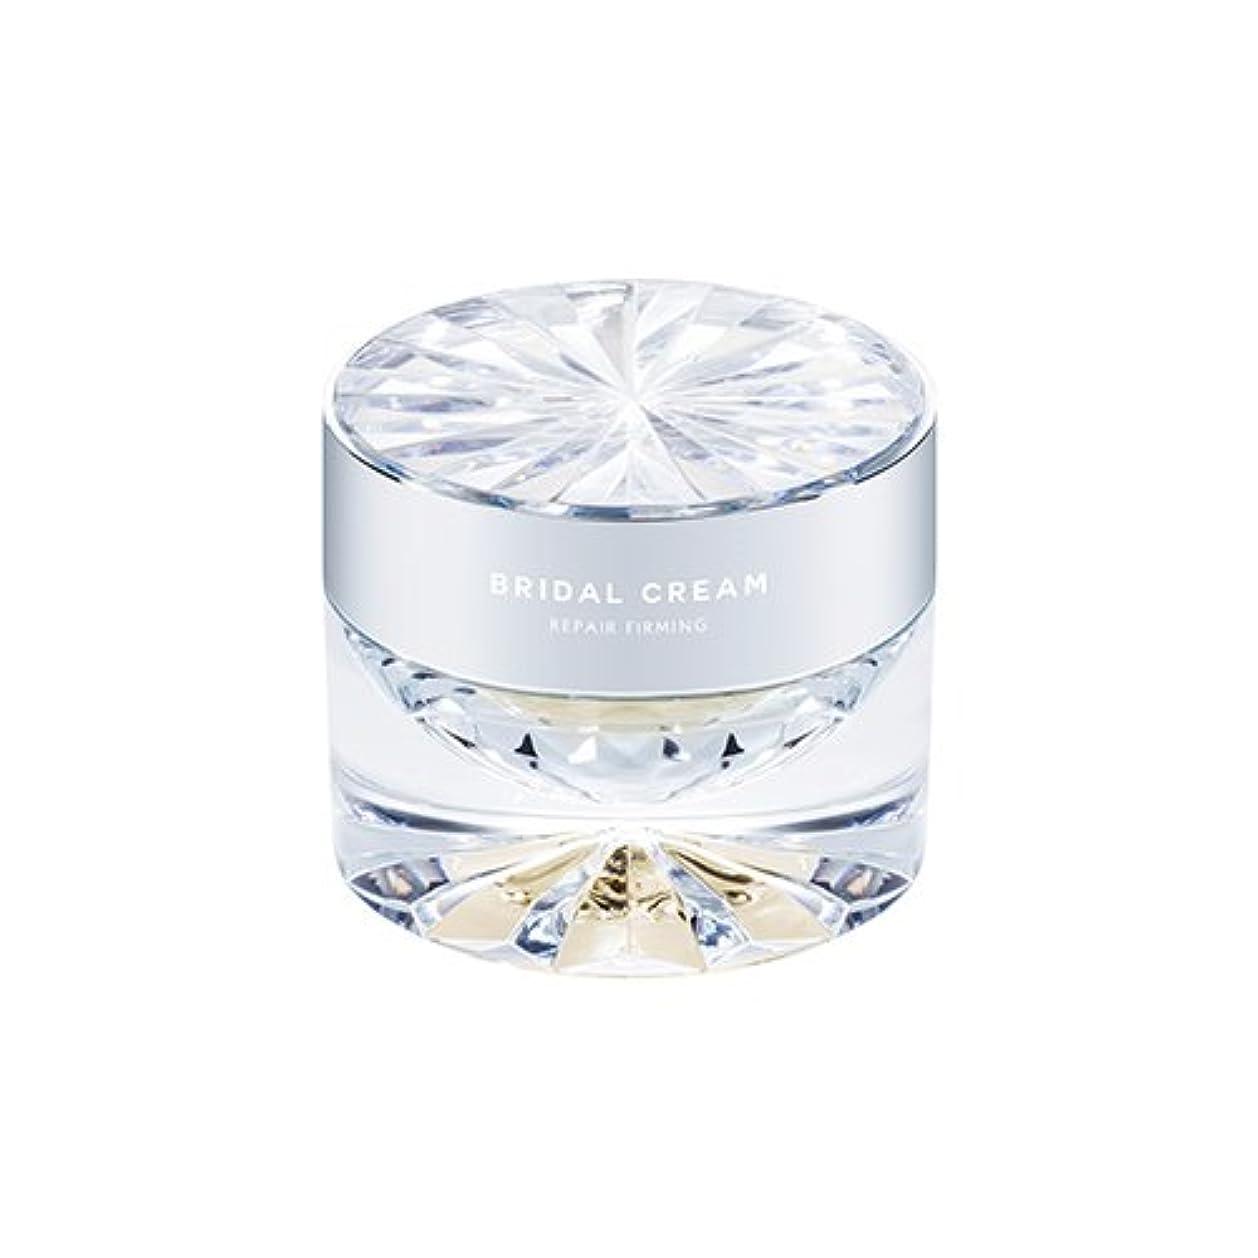 創造宗教密接にMISSHA Time Revolution Bridal Cream 50ml/ミシャ タイム レボリューション ブライダル クリーム 50ml (#Repair Firming) [並行輸入品]